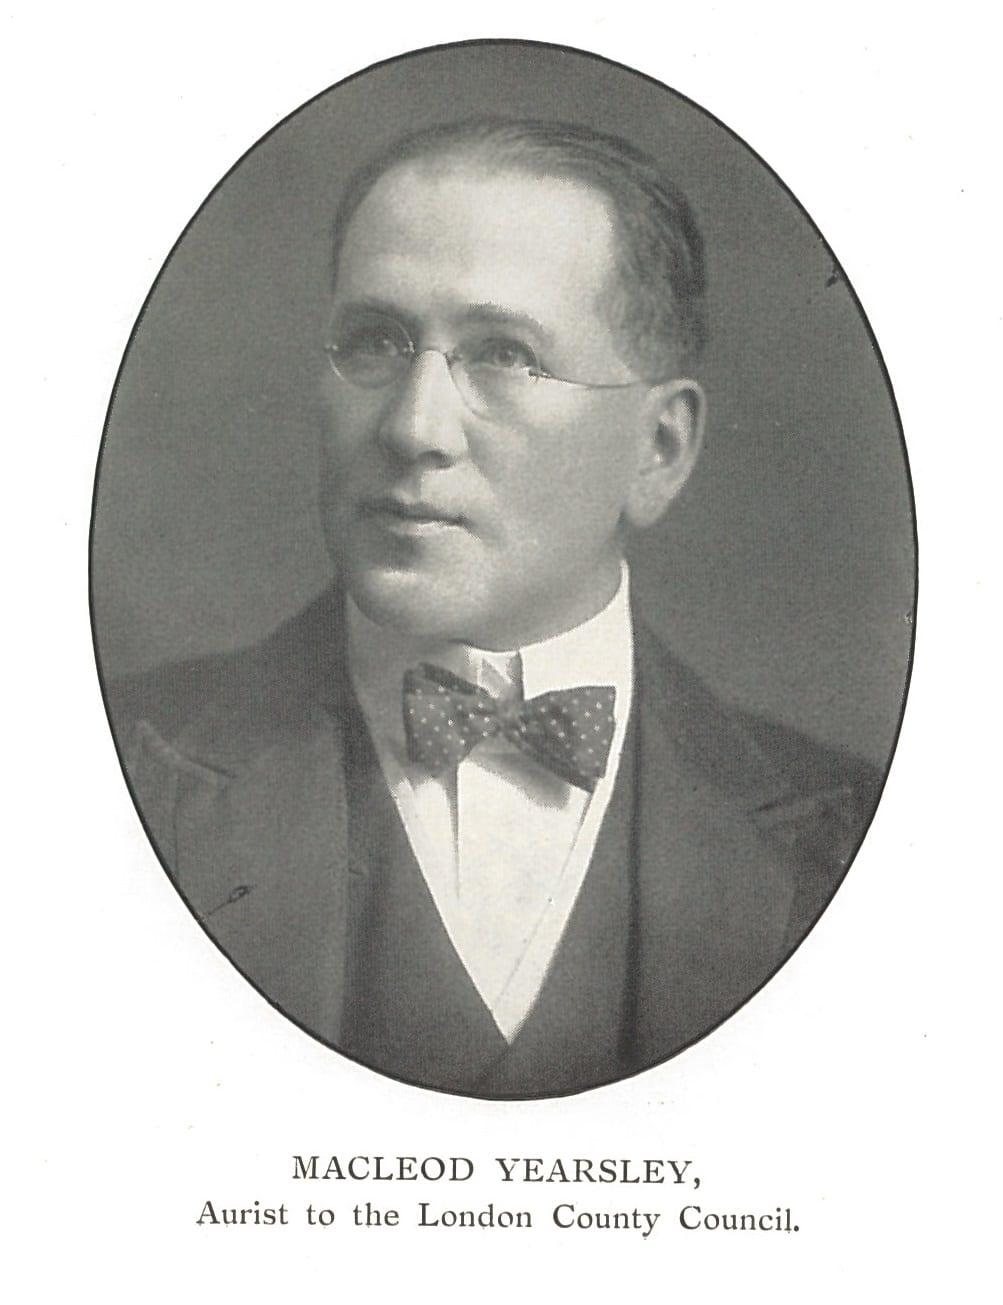 Macleod Yearsley